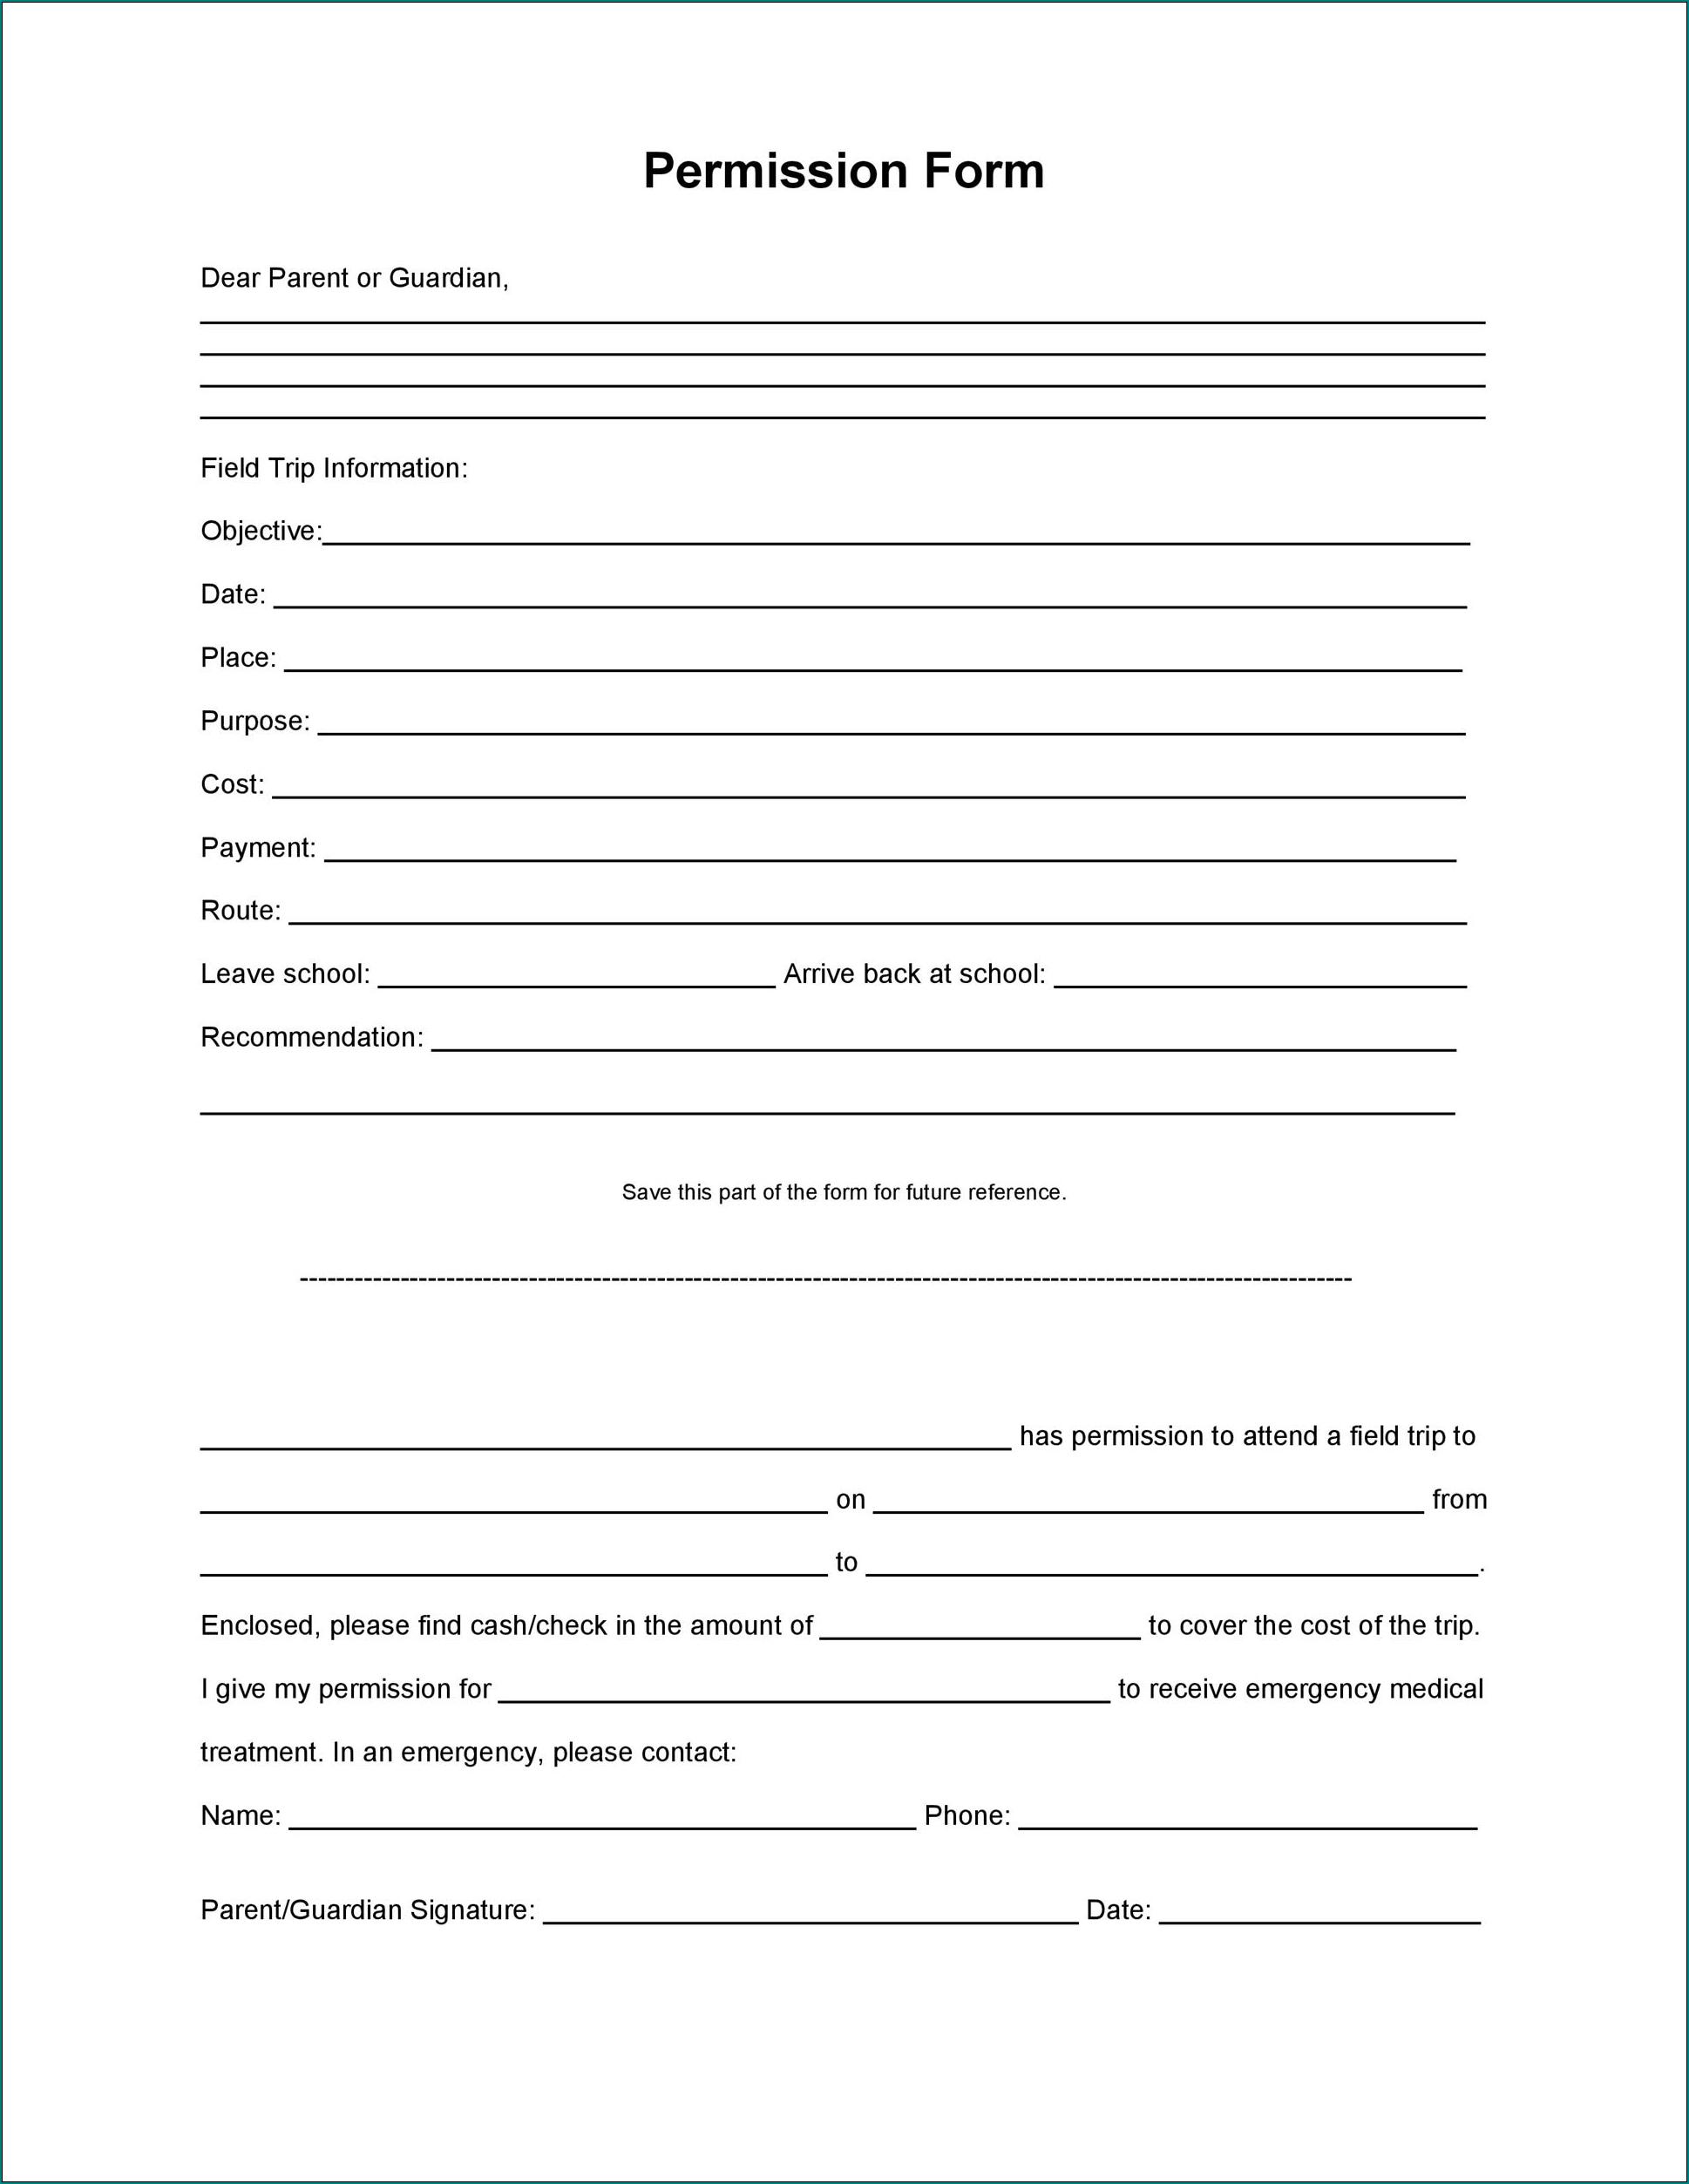 Sample of Parent Permission Form